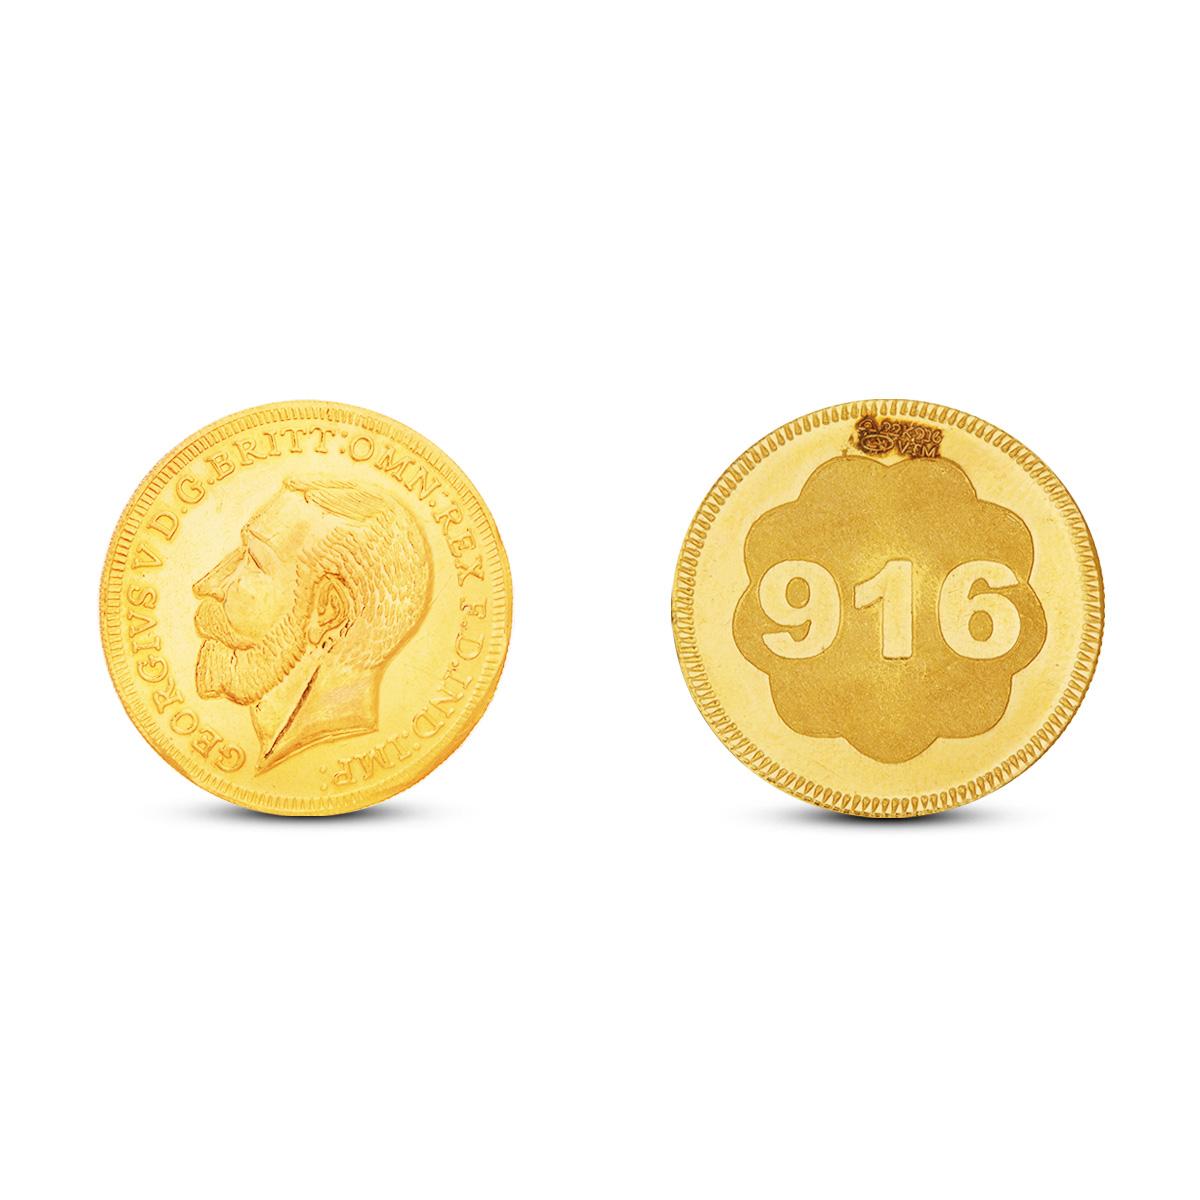 6 Gram Gold Coin